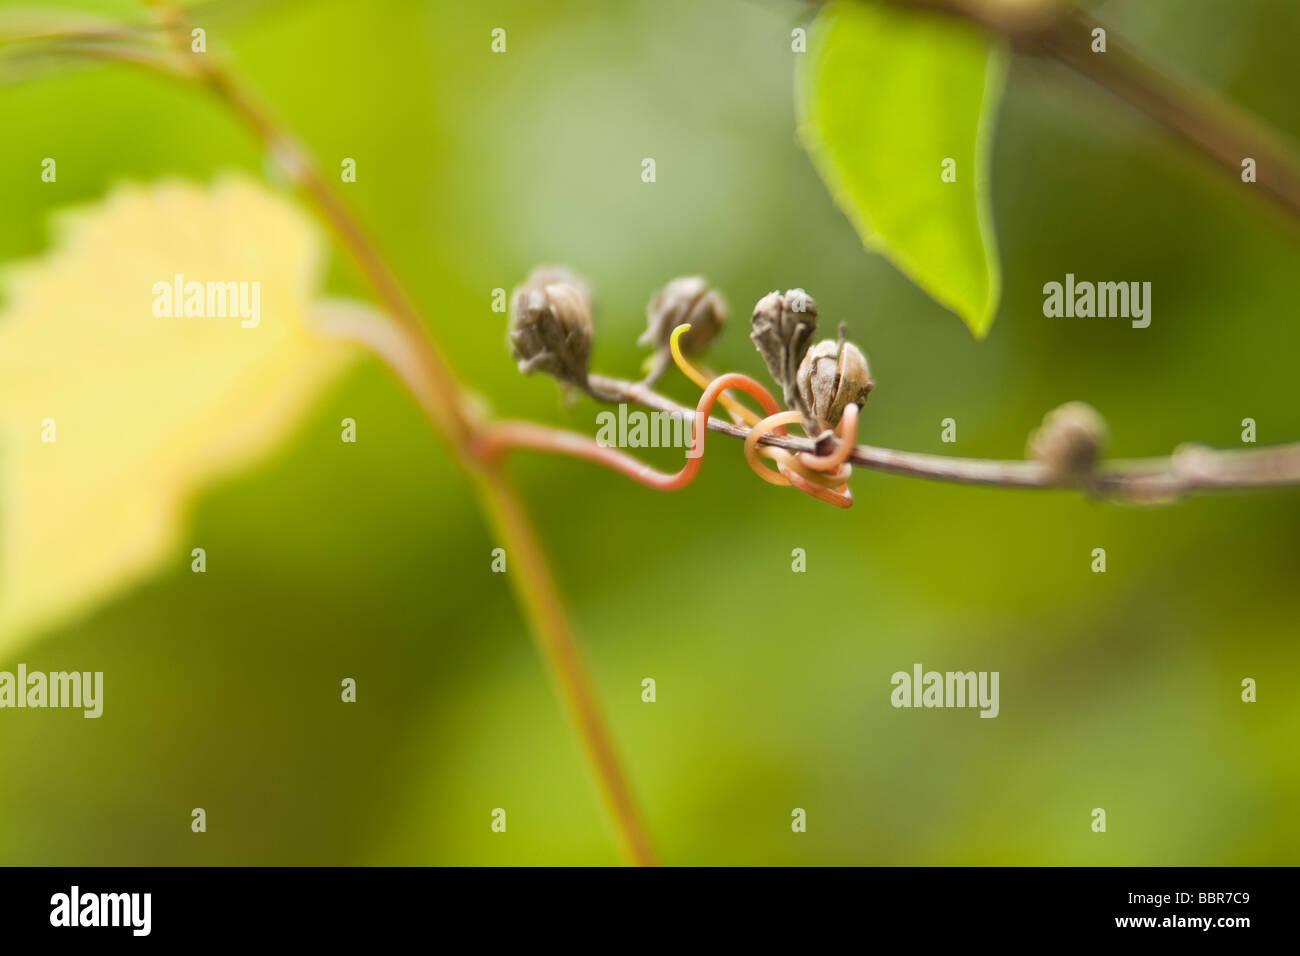 Macro springtime grapevine tendril, around berries - Stock Image